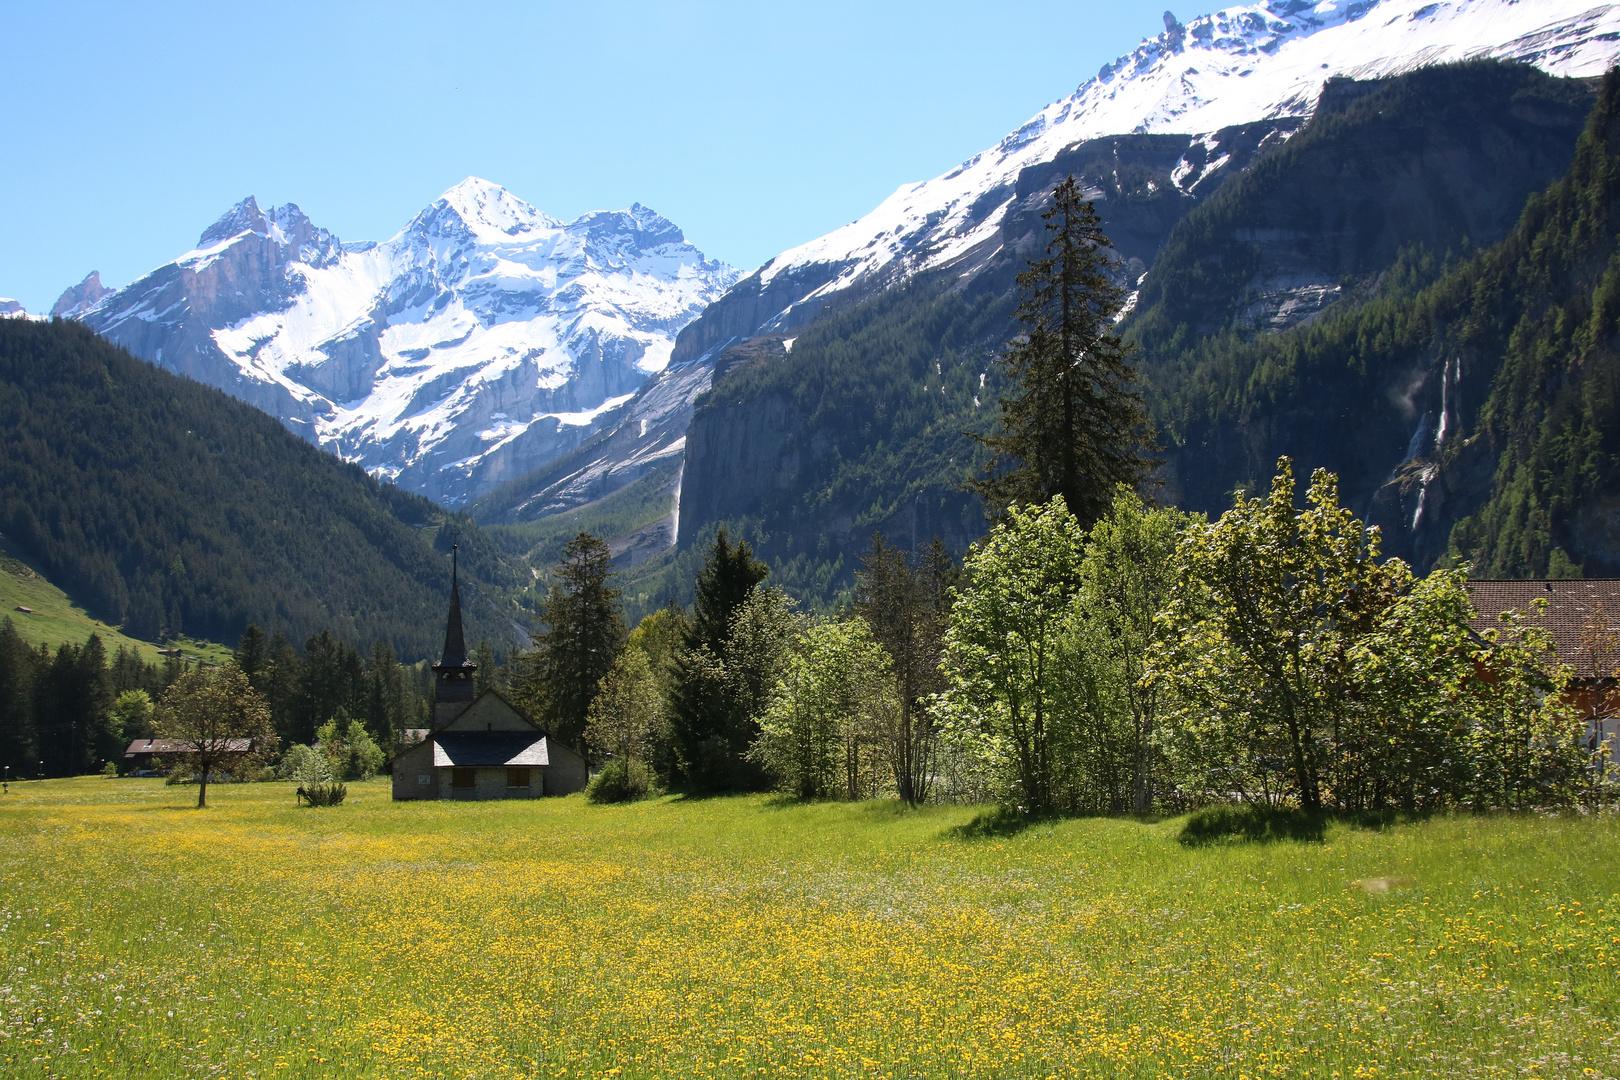 Kandersteg, Blütenpracht und schneebedeckte Gipfel